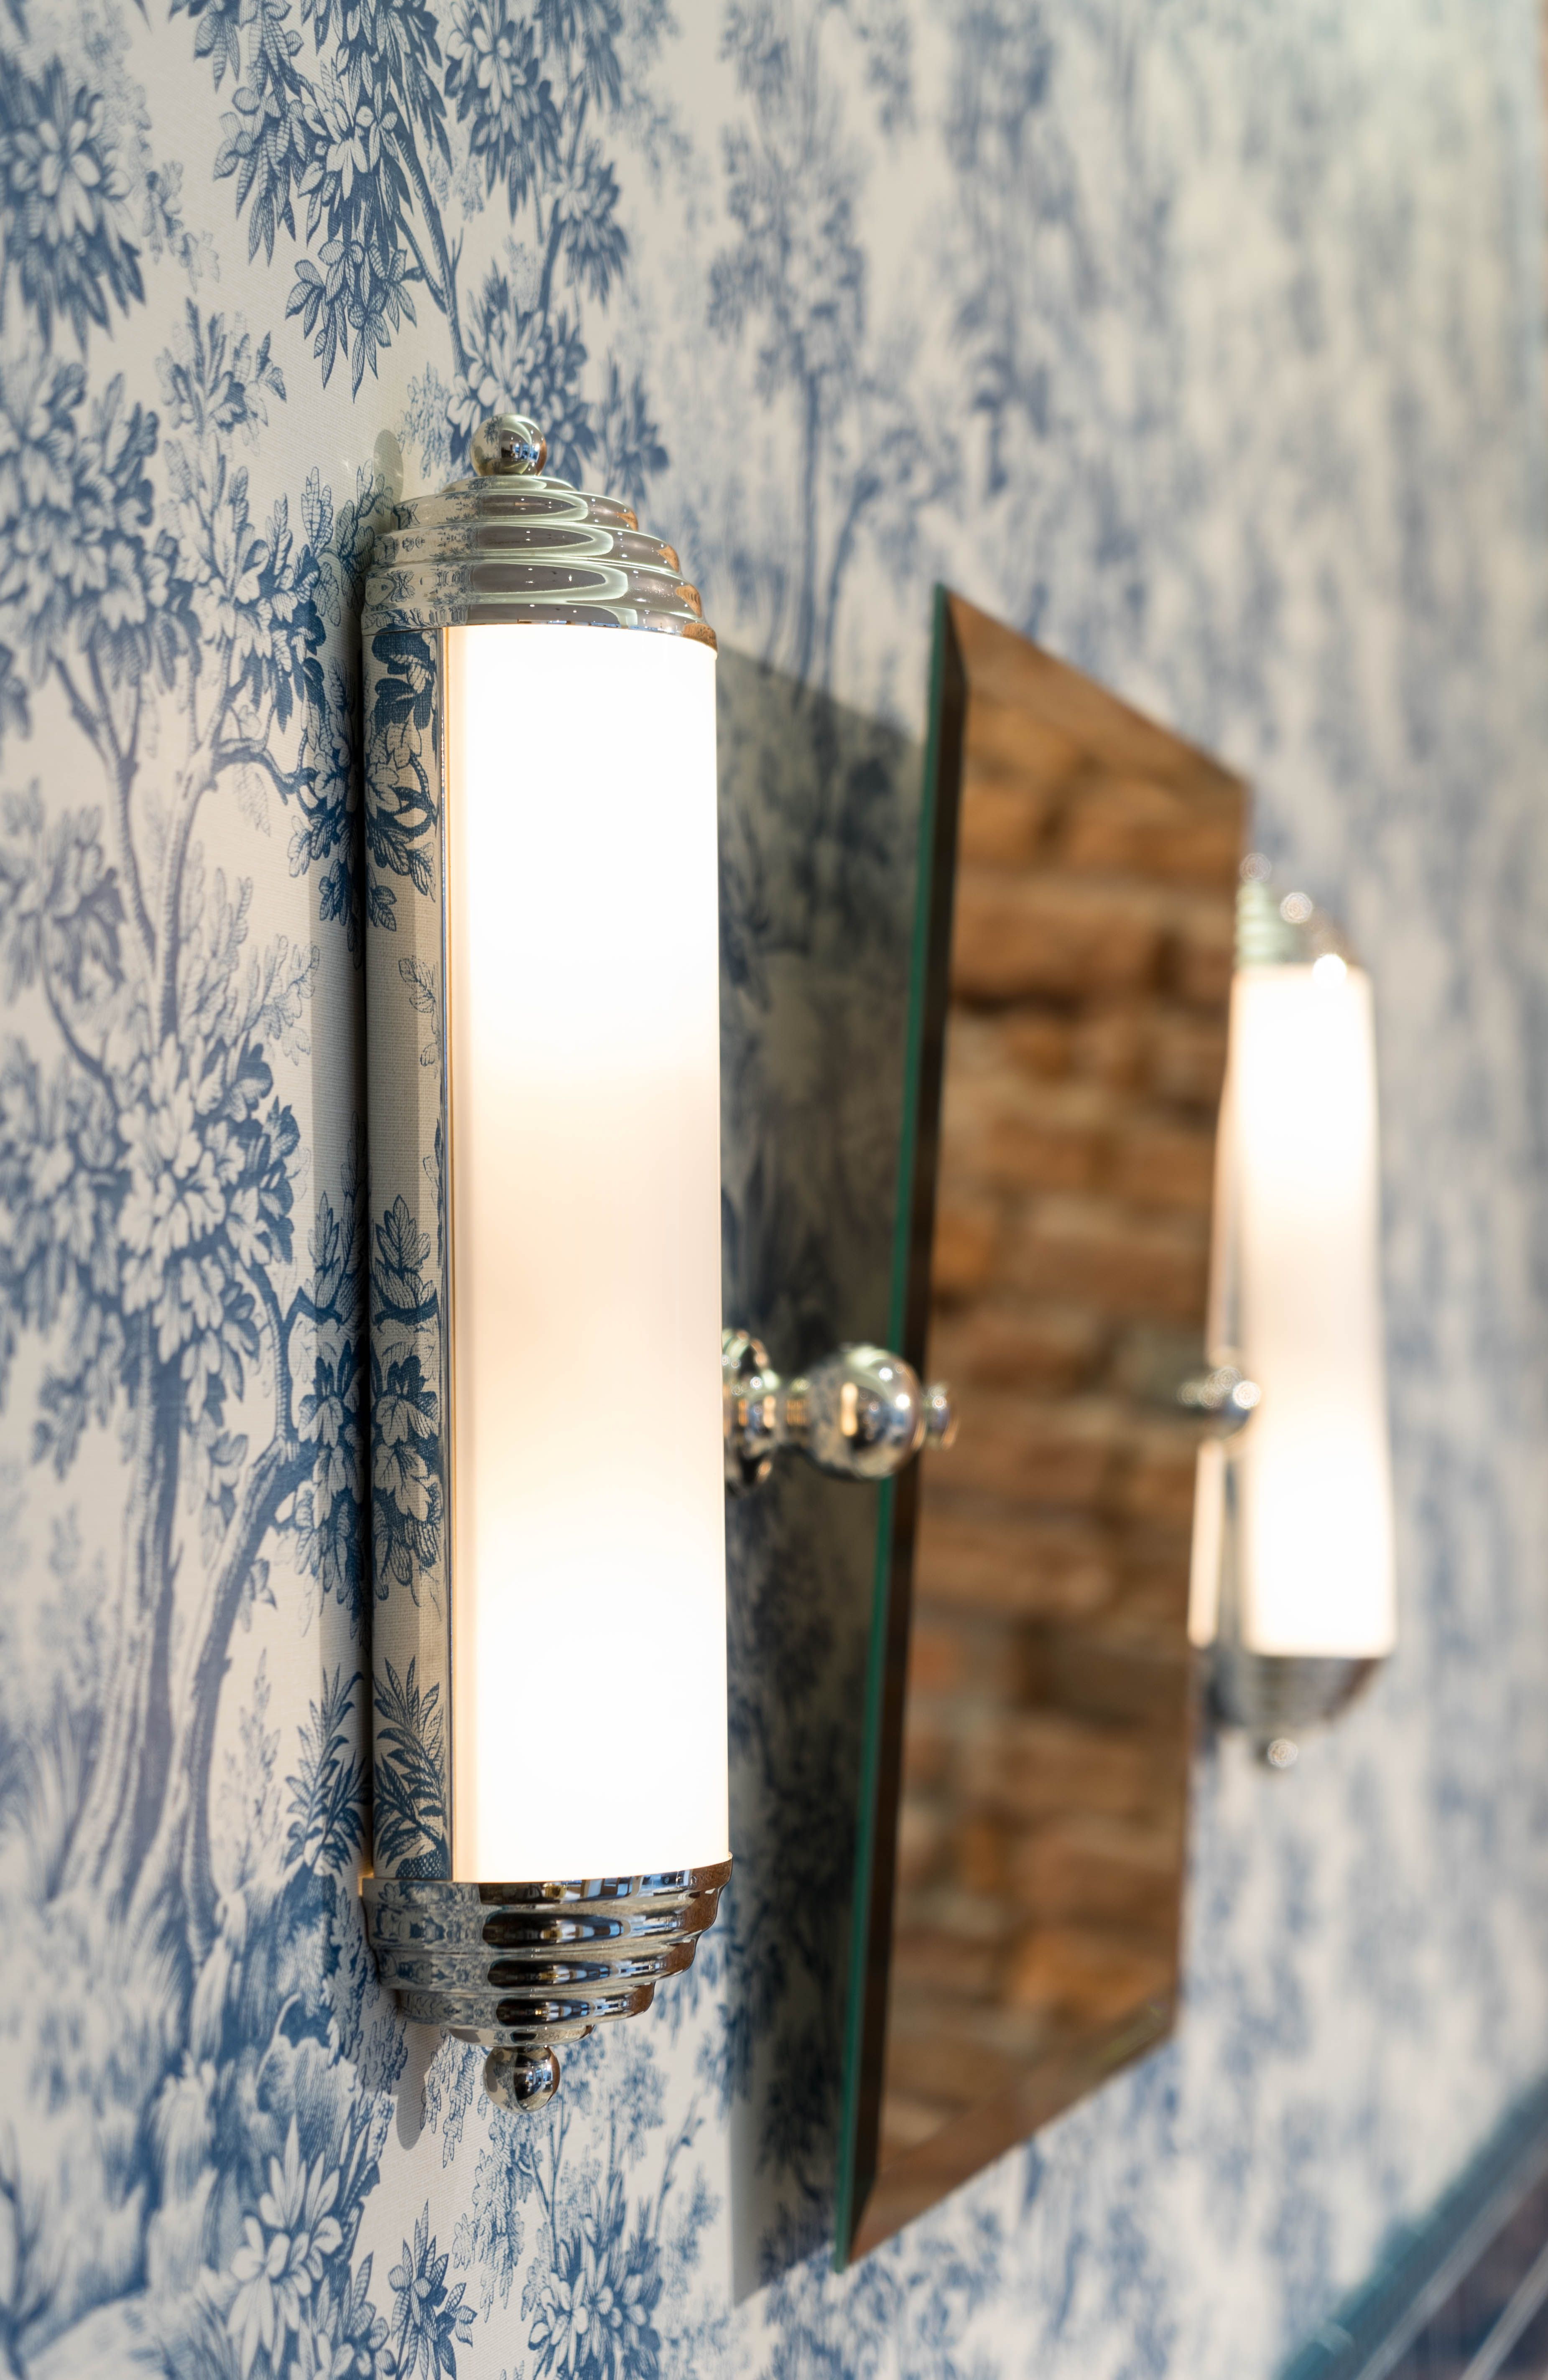 19 Badezimmer Leuchten Ideen Badezimmerlampen Badezimmerleuchten Badlampen